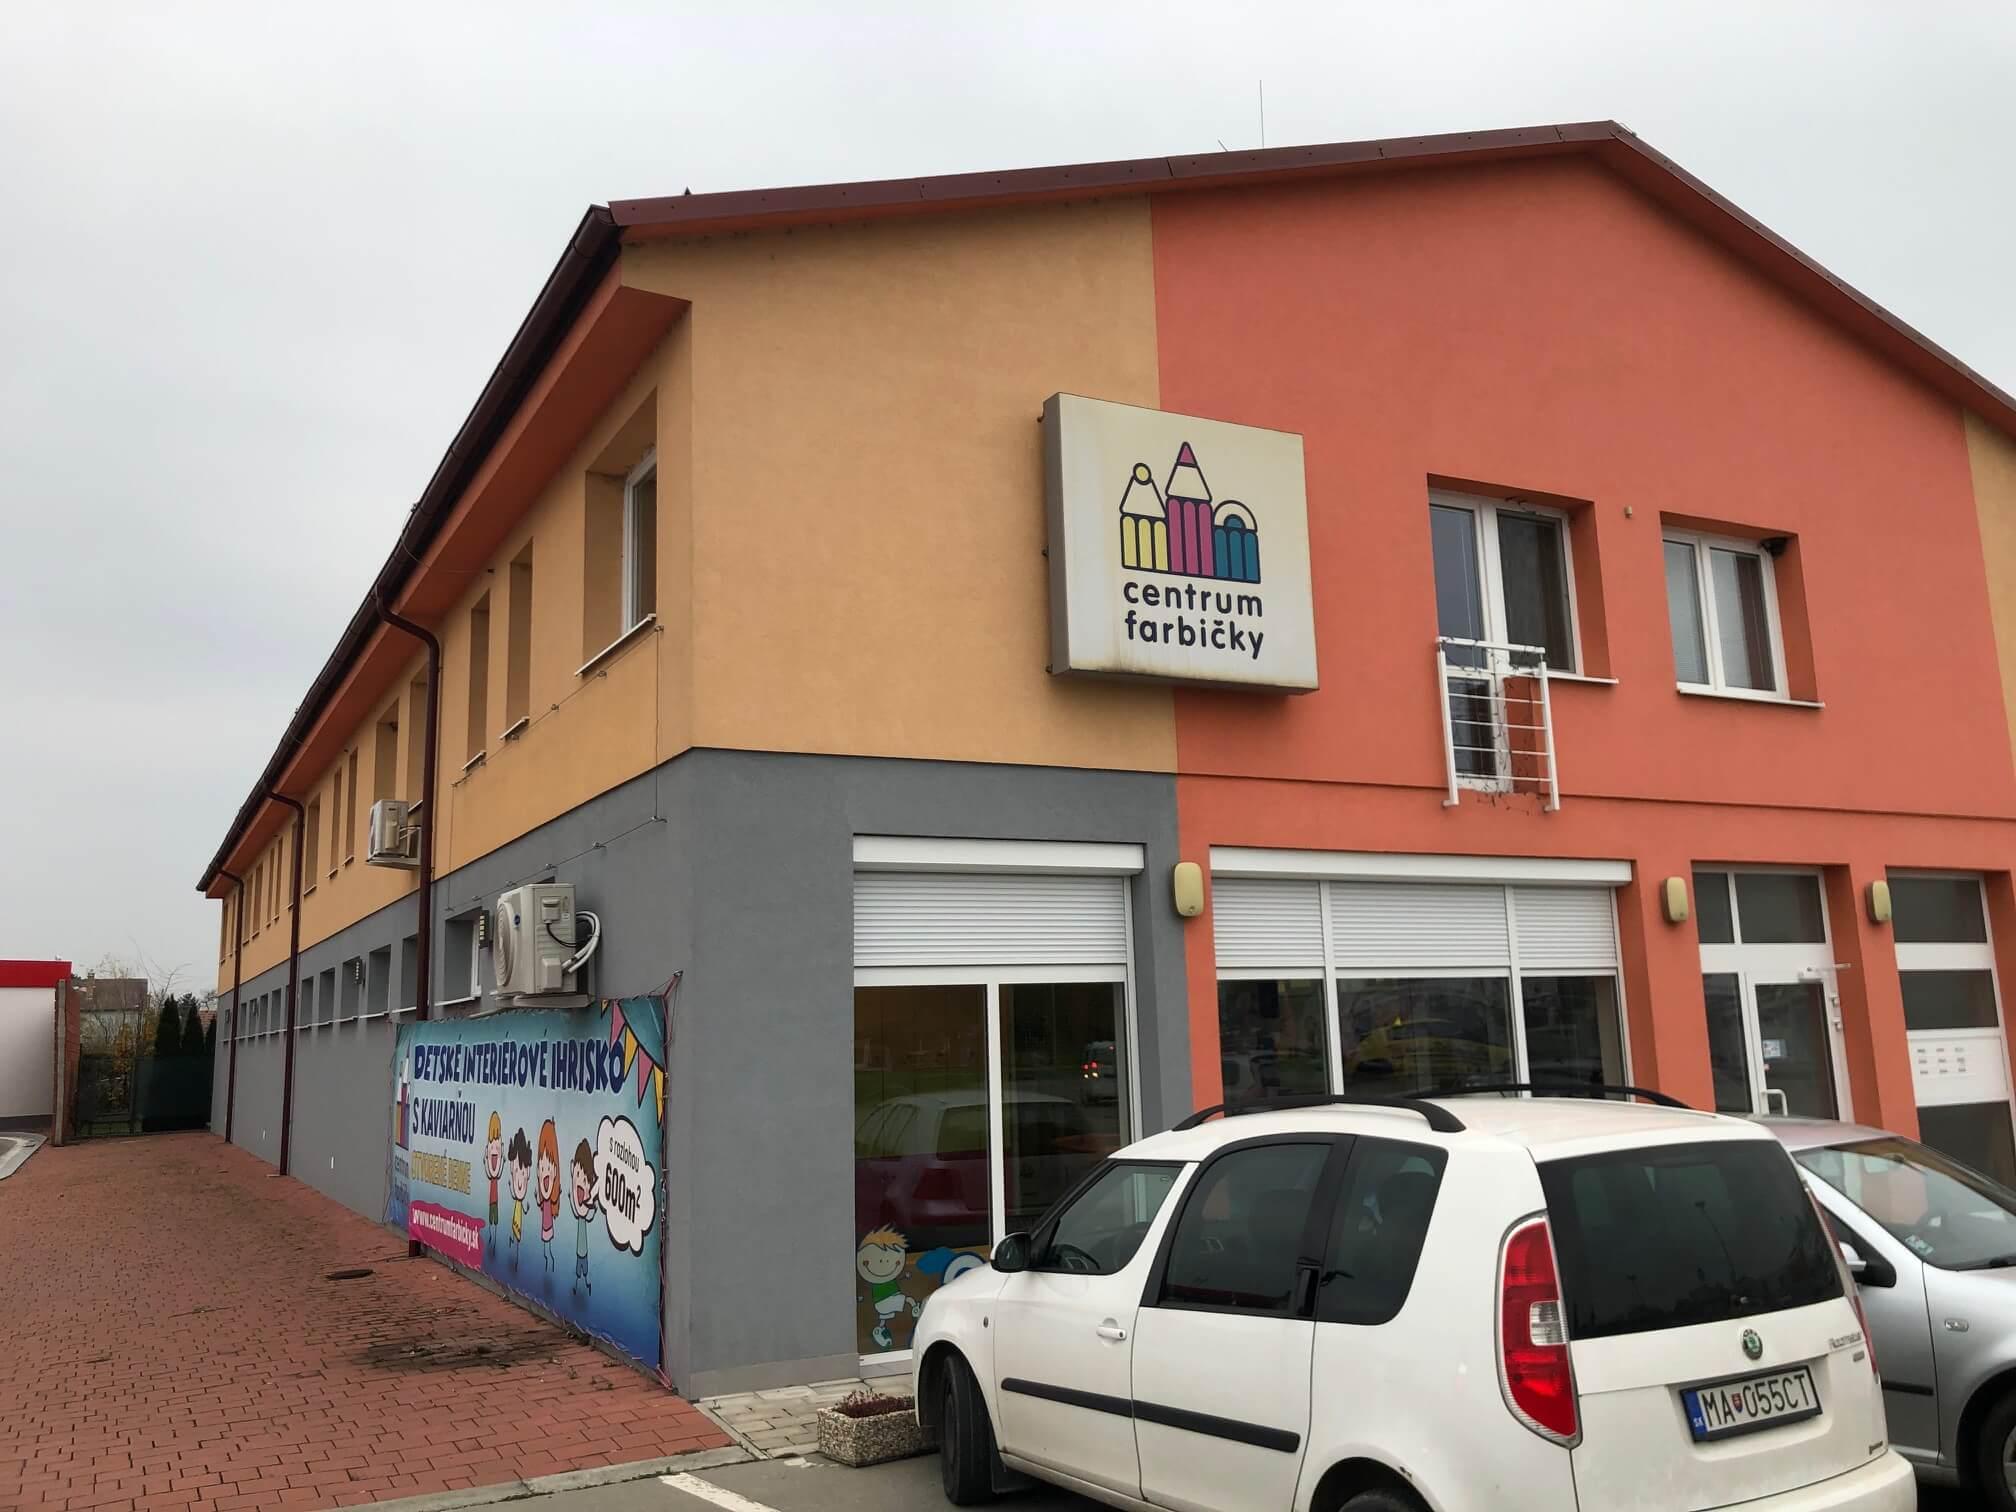 Prenajaté: Prenájom 2 izb. byt, Luxusne zariadeny, v tichej lokalite, Brnianska 4, nad Farbičkou, Malacky,-23